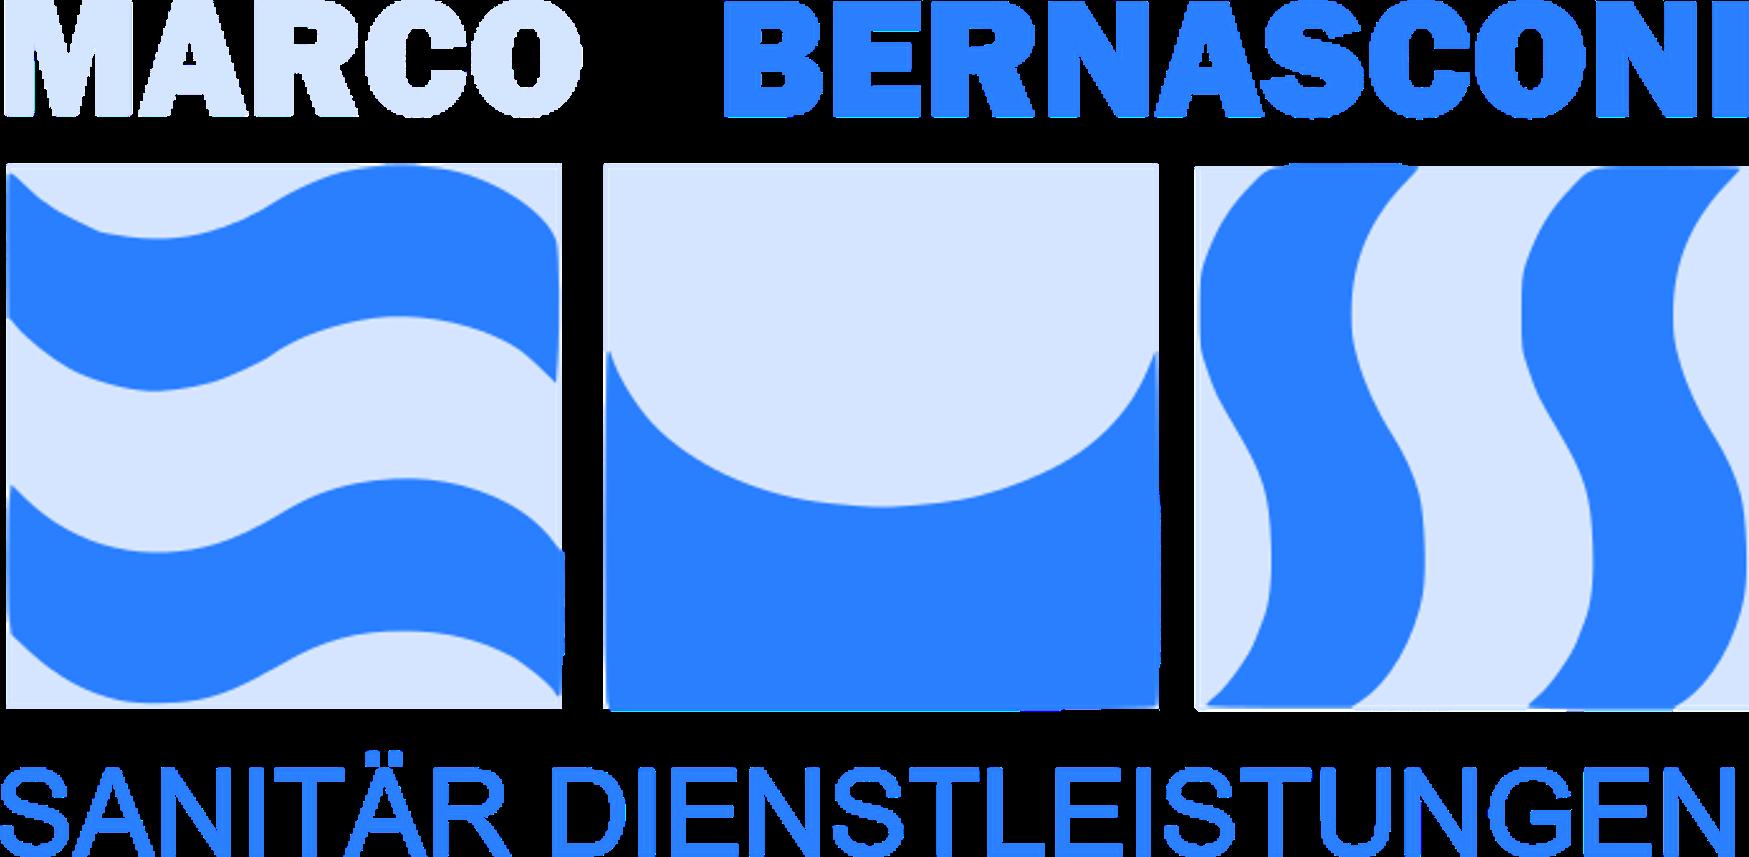 Marco Bernasconi Sanitärdienstleistungen in Dornach